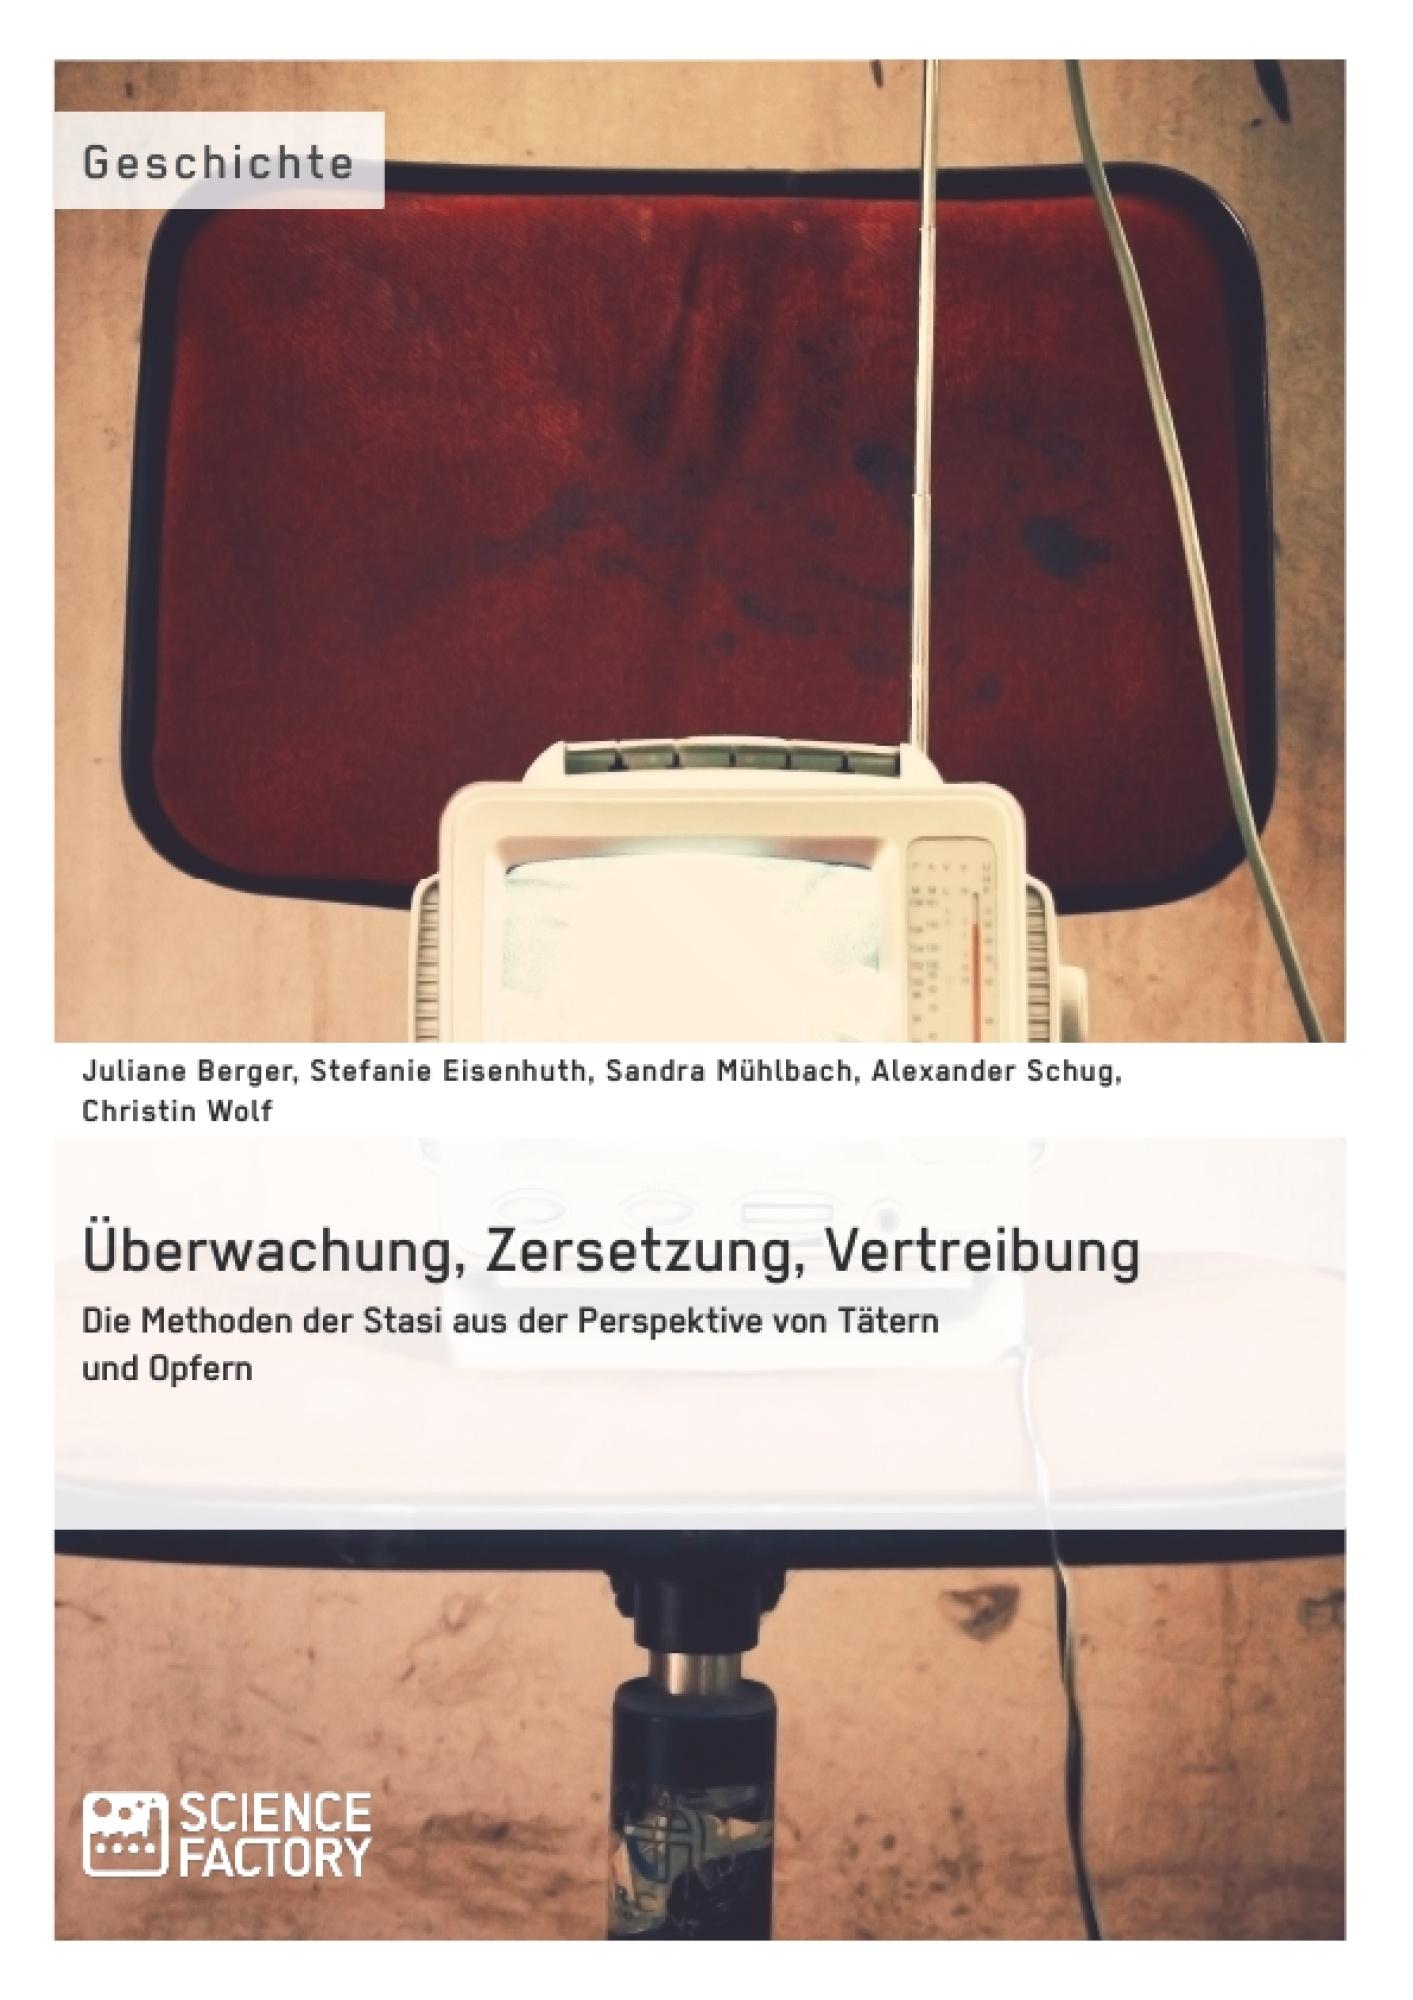 Titel: Überwachung, Zersetzung, Vertreibung. Die Methoden der Stasi aus der Perspektive von Tätern und Opfern